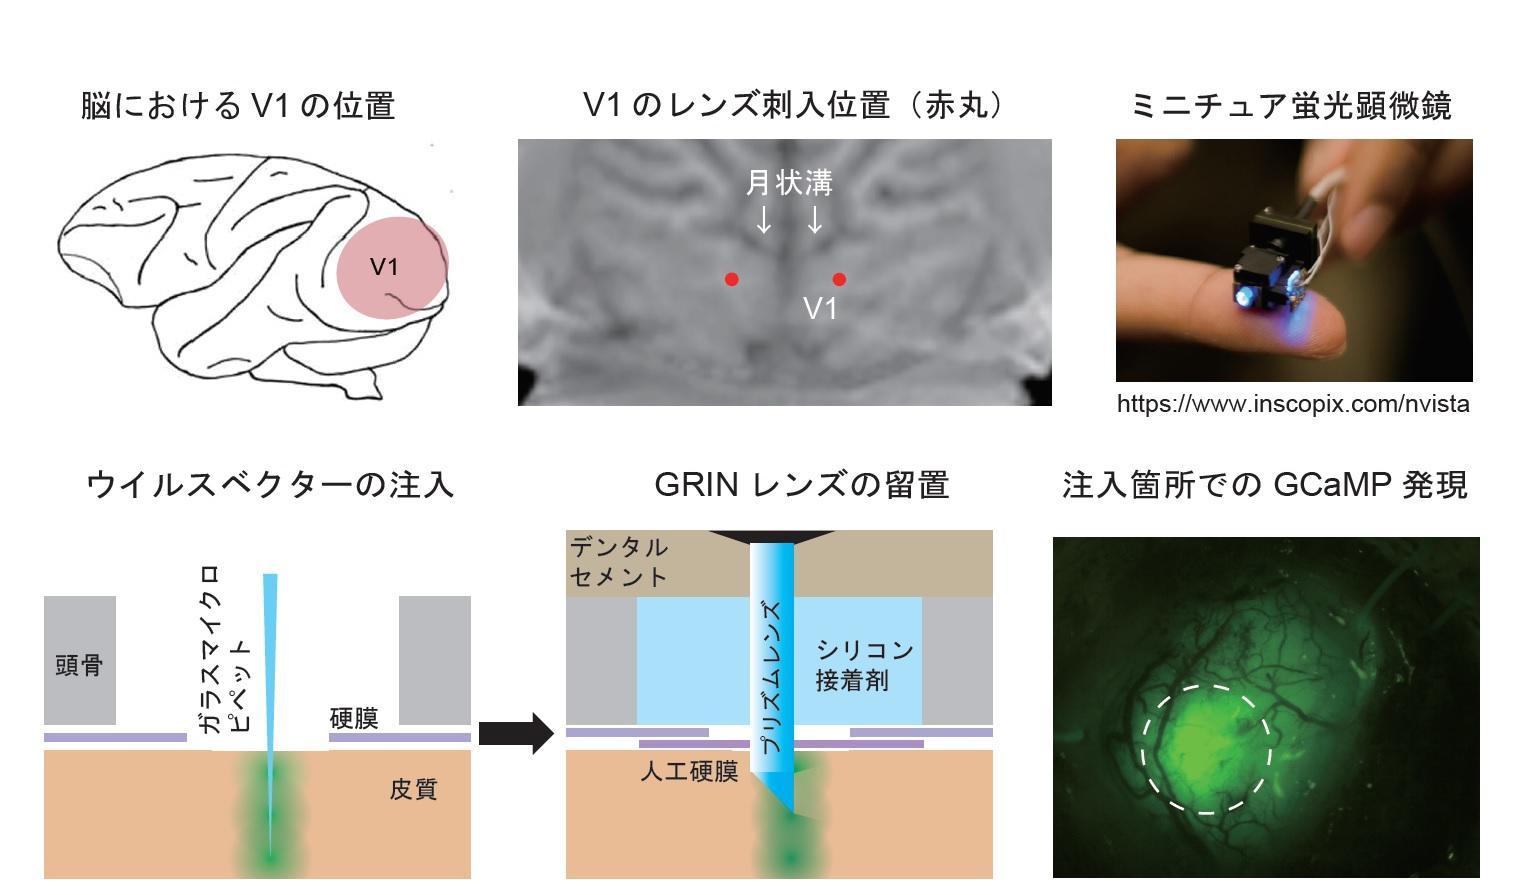 【玉川大学脳科学研究所 研究成果】ニホンザルの視覚野から多数の神経細胞のイメージングに成功! -- 微小内視鏡カルシウムイメージング法を用いた先進的な成果 -- 科学雑誌''Scientific Reports''に論文を発表